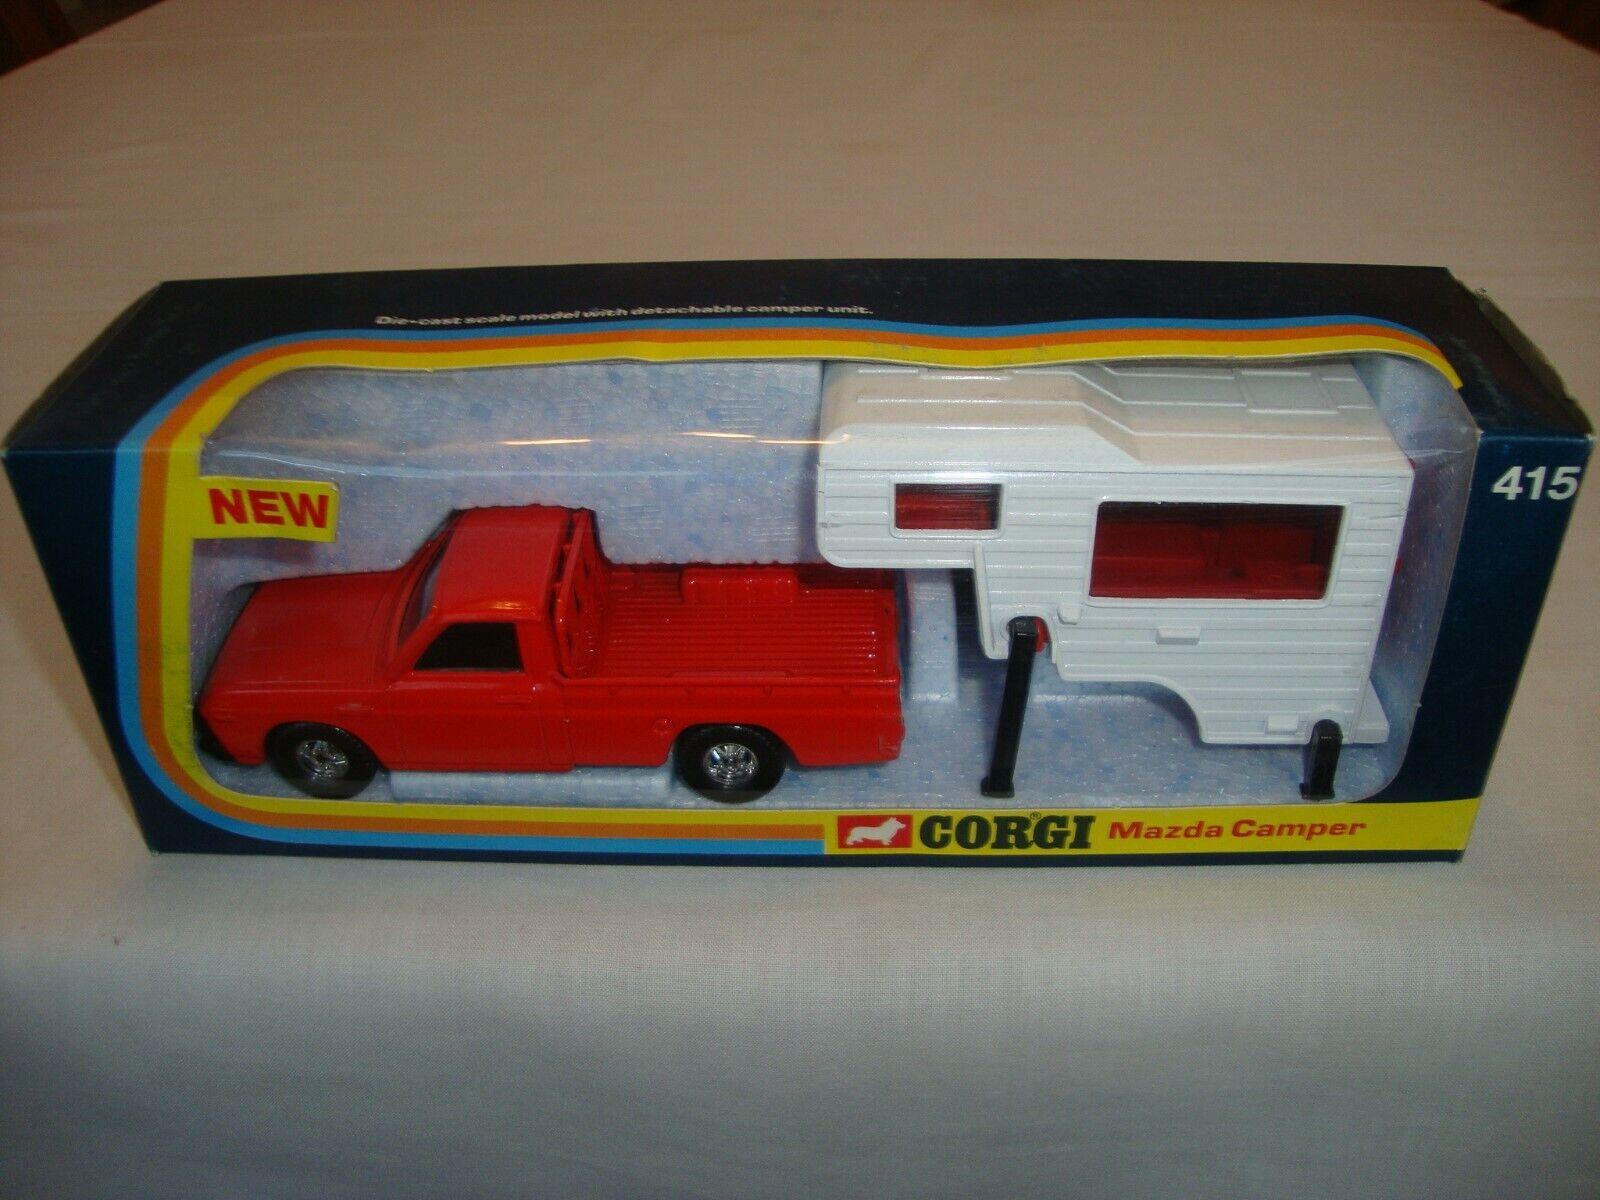 CORGI 415 MAZDA CAMPER - VN MINT in original BOX